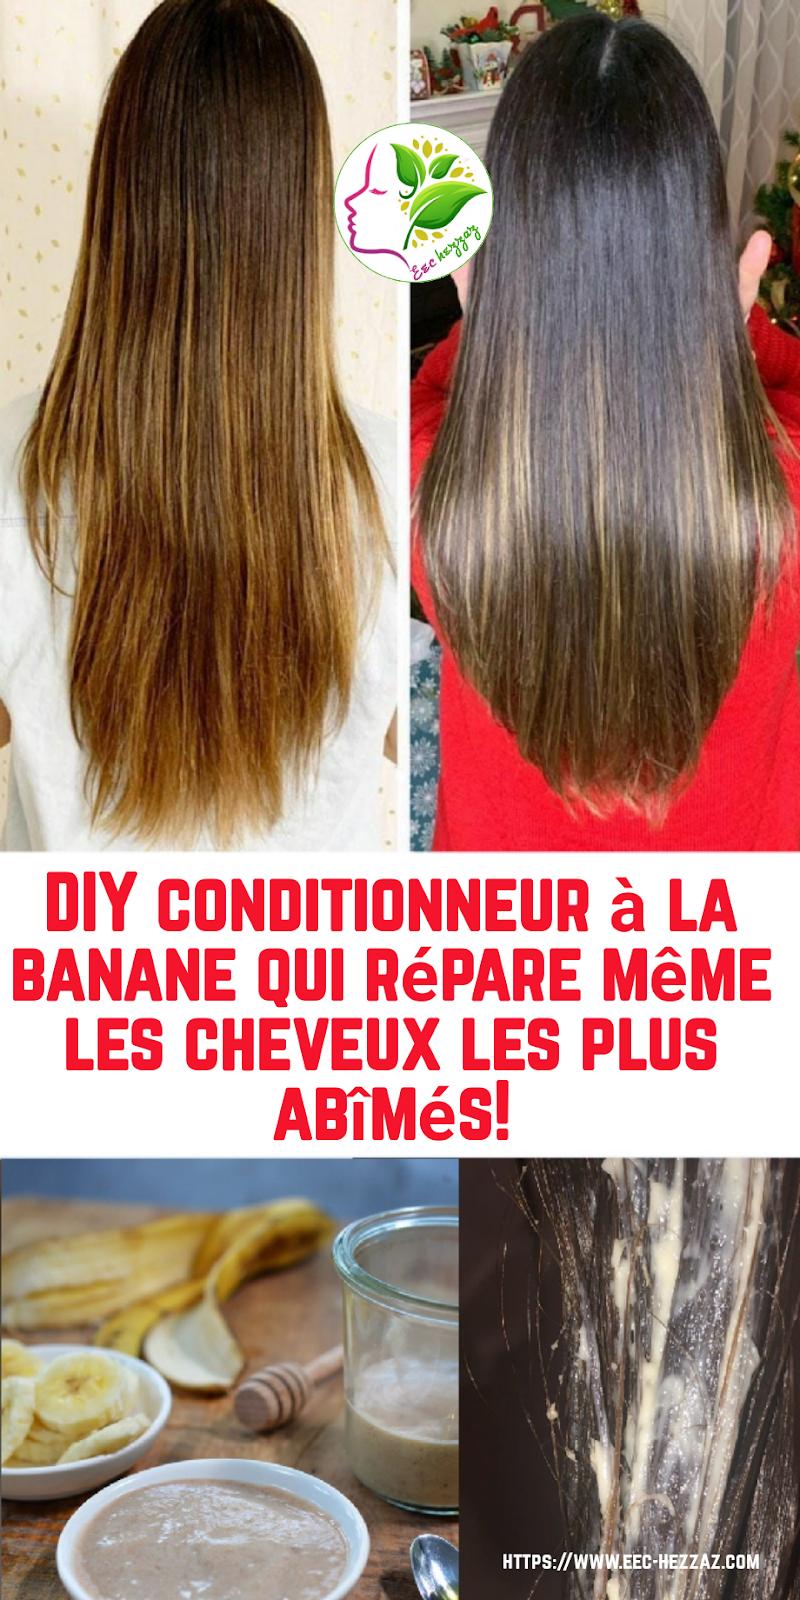 DIY conditionneur à la banane qui répare même les cheveux les plus abîmés!